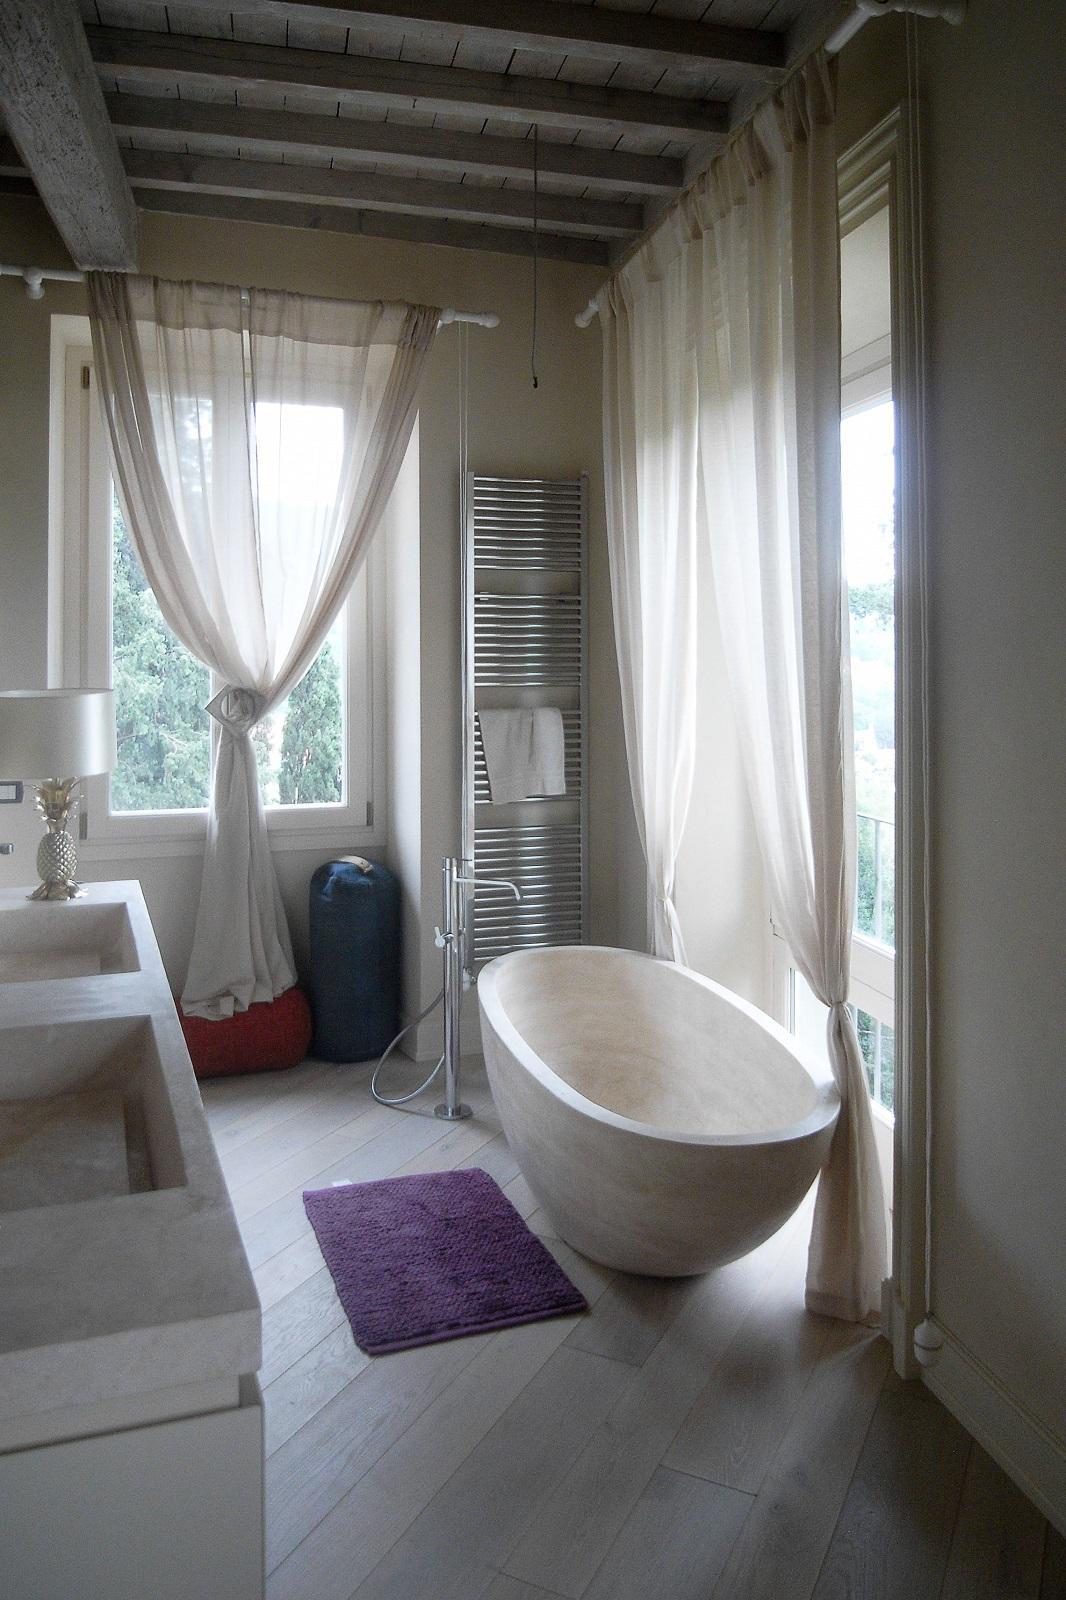 Le vasche da bagno non sono realizzate soltanto in acrilico - Vasche da bagno in pietra ...